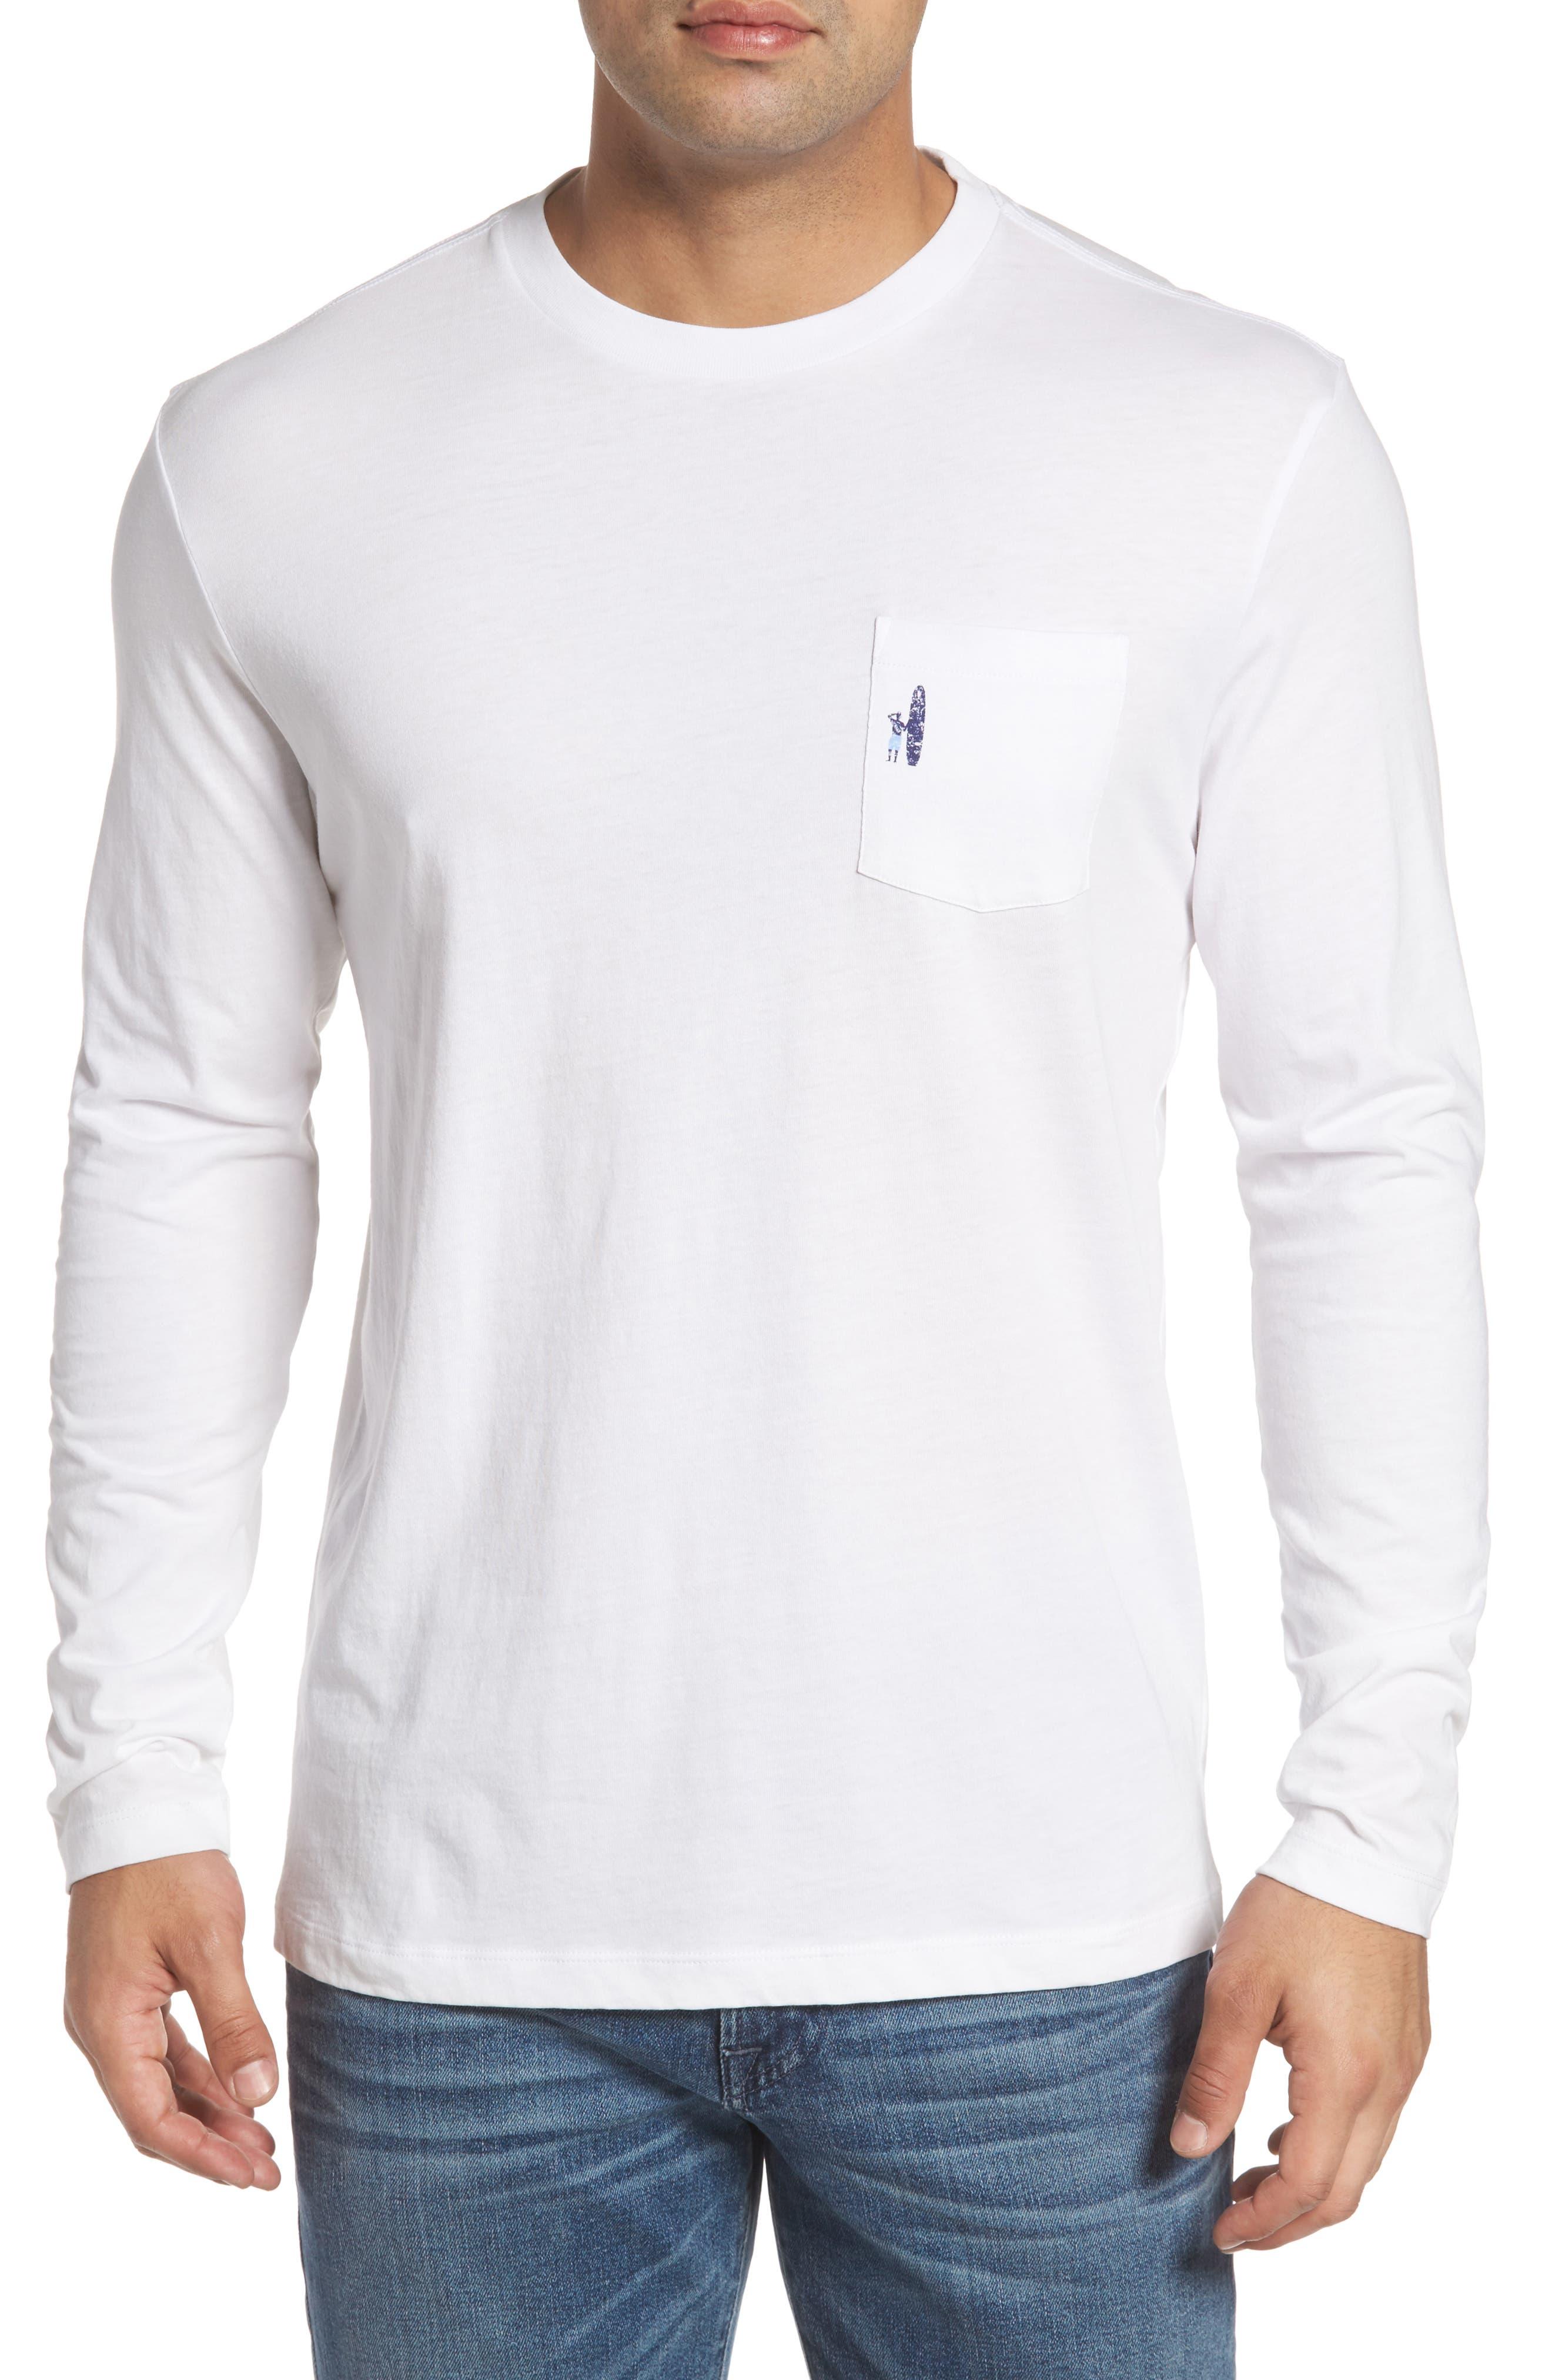 Sumatra Graphic T-Shirt,                             Main thumbnail 1, color,                             100